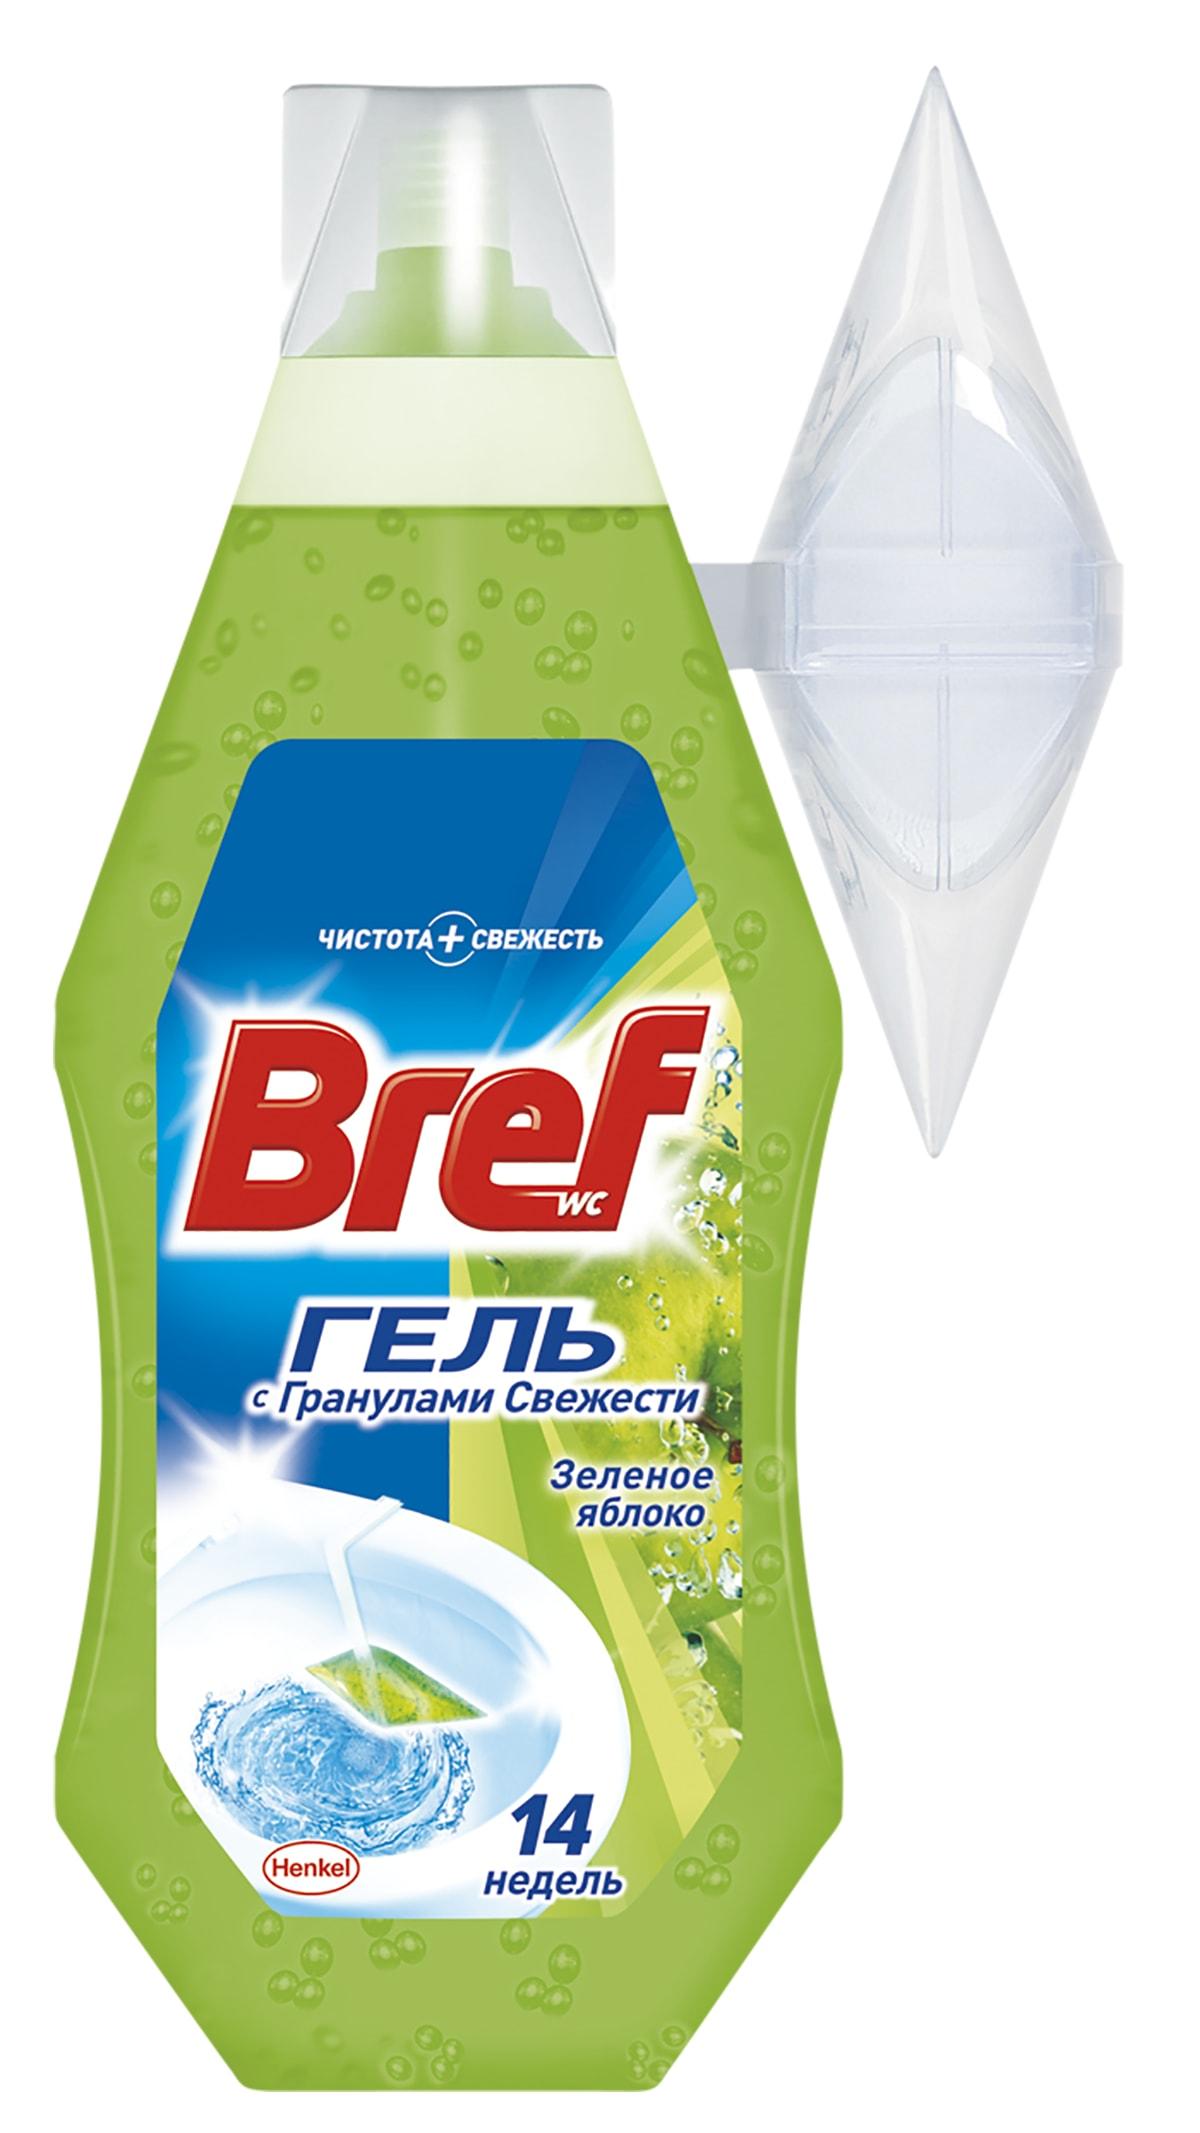 Освежитель для туалета Bref Гель Зеленое Яблоко 360мл904631Освежитель для туалета Bref Гель обеспечивает чистоту и превосходный свежий аромат после каждого смывания. Упаковки Bref Гель 360мл хватает на 14 недель использования! Повесьте корзинку на край унитаза и наполните гелем Bref, как показано на рисунке на упаковке продукта. Состав: 5-15% анионные ПАВ, неионогенные ПАВ; отдушка (в т.ч. лимонен, гексилциннамаль), полимеры, лимонная кислота, краситель; вода. Товар сертифицирован.